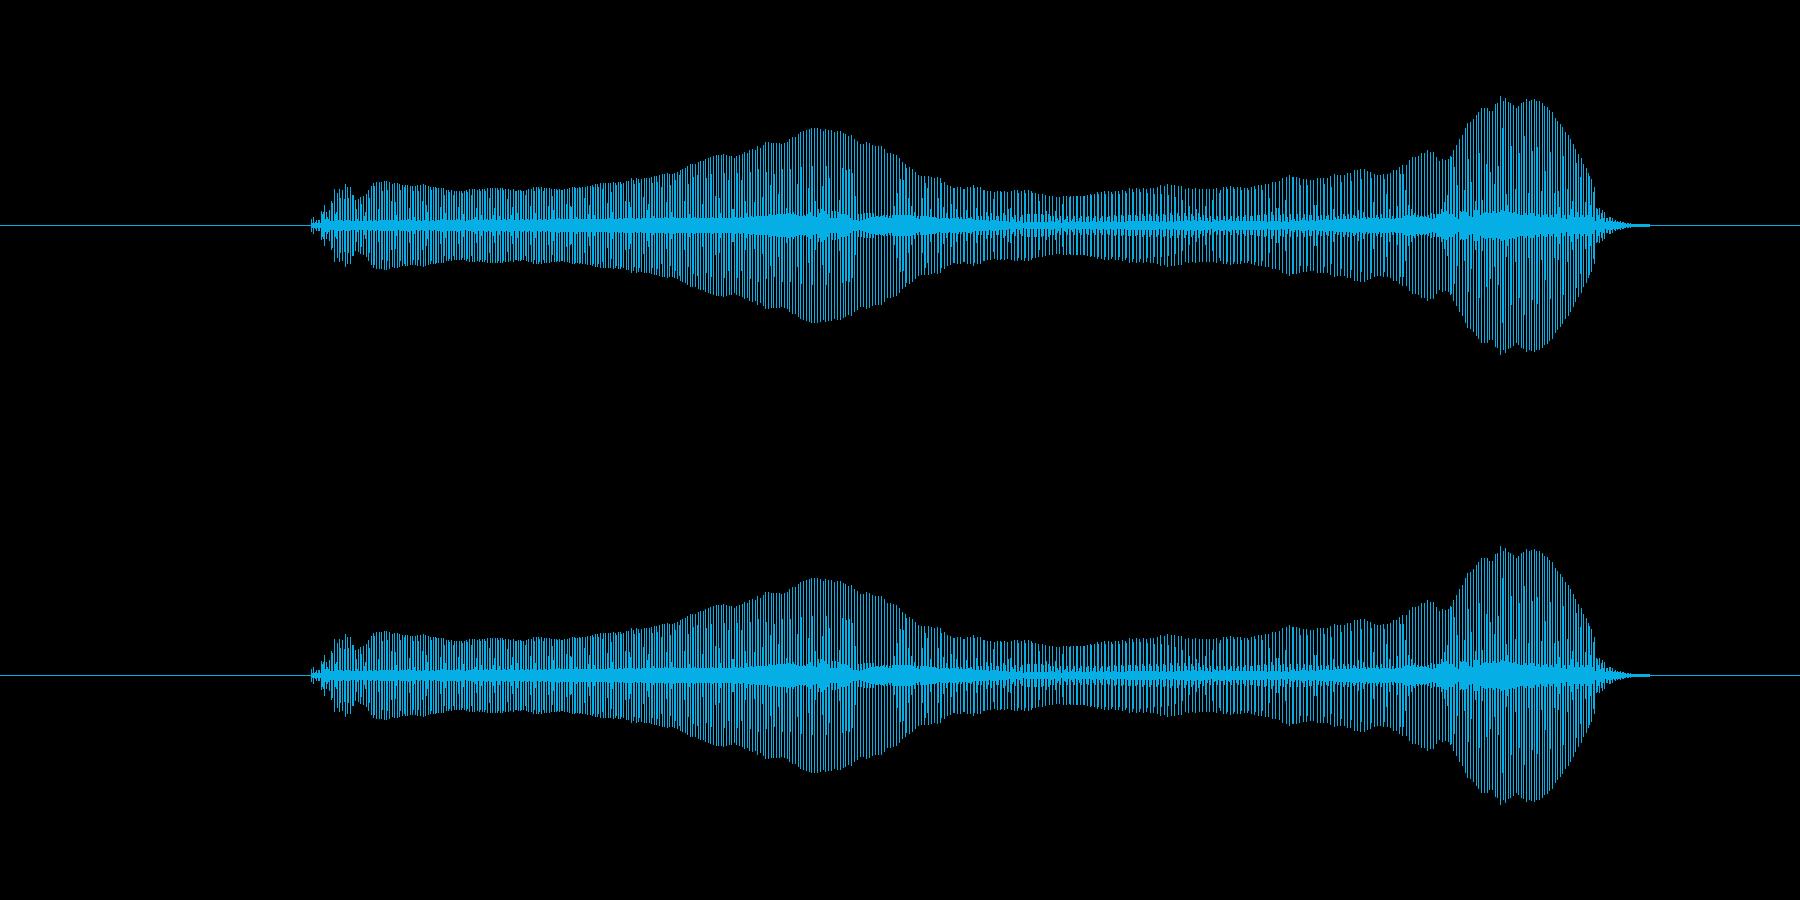 トロンボーンあるあるフレーズBPM120の再生済みの波形